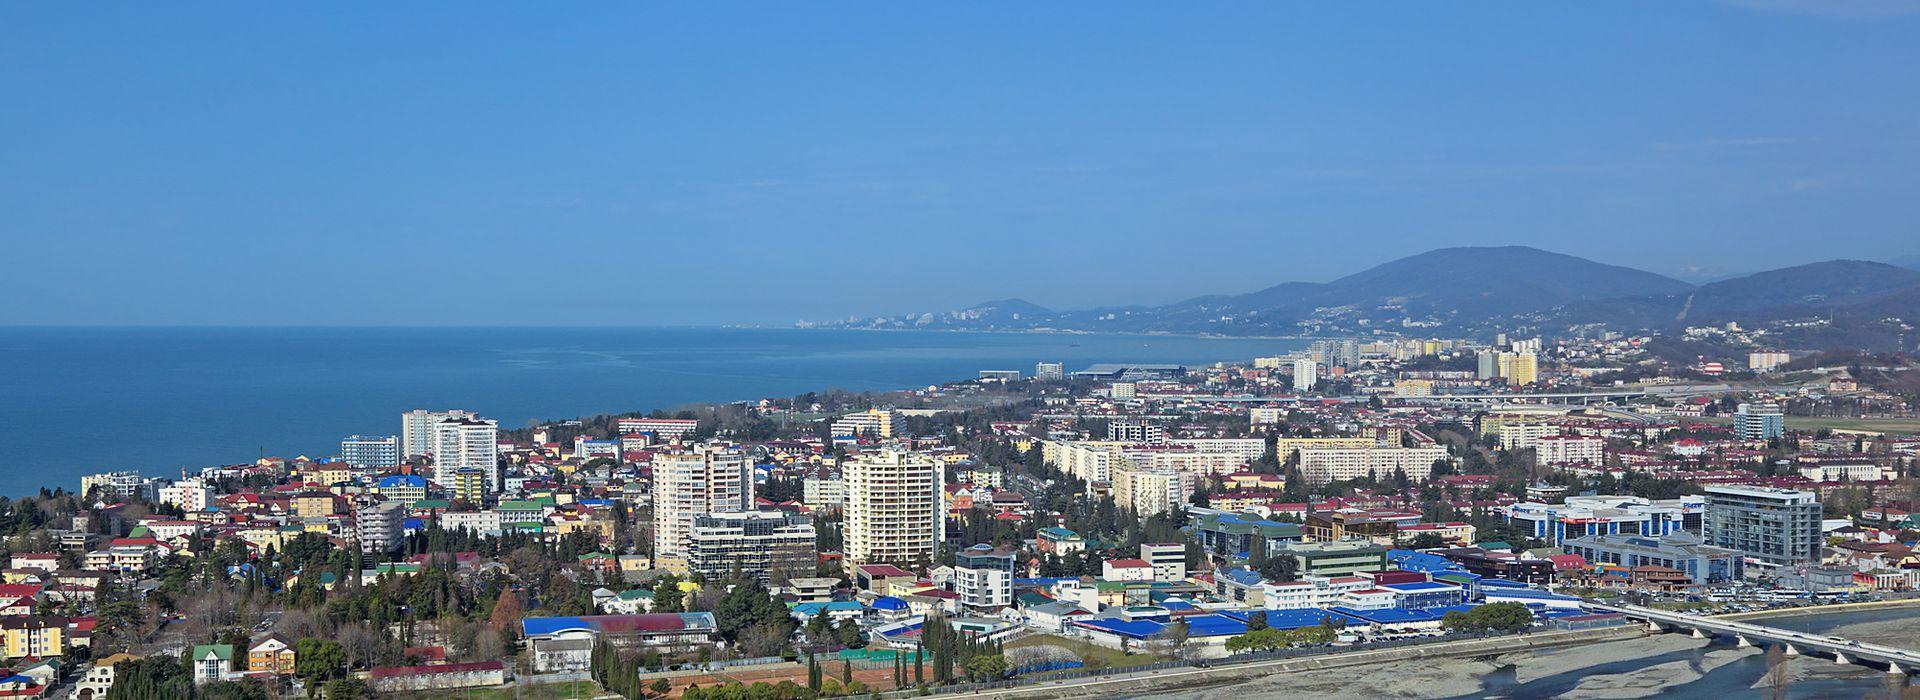 Адлер, Россия: все об отдыхе с детьми в Адлере на портале Кидпассаж